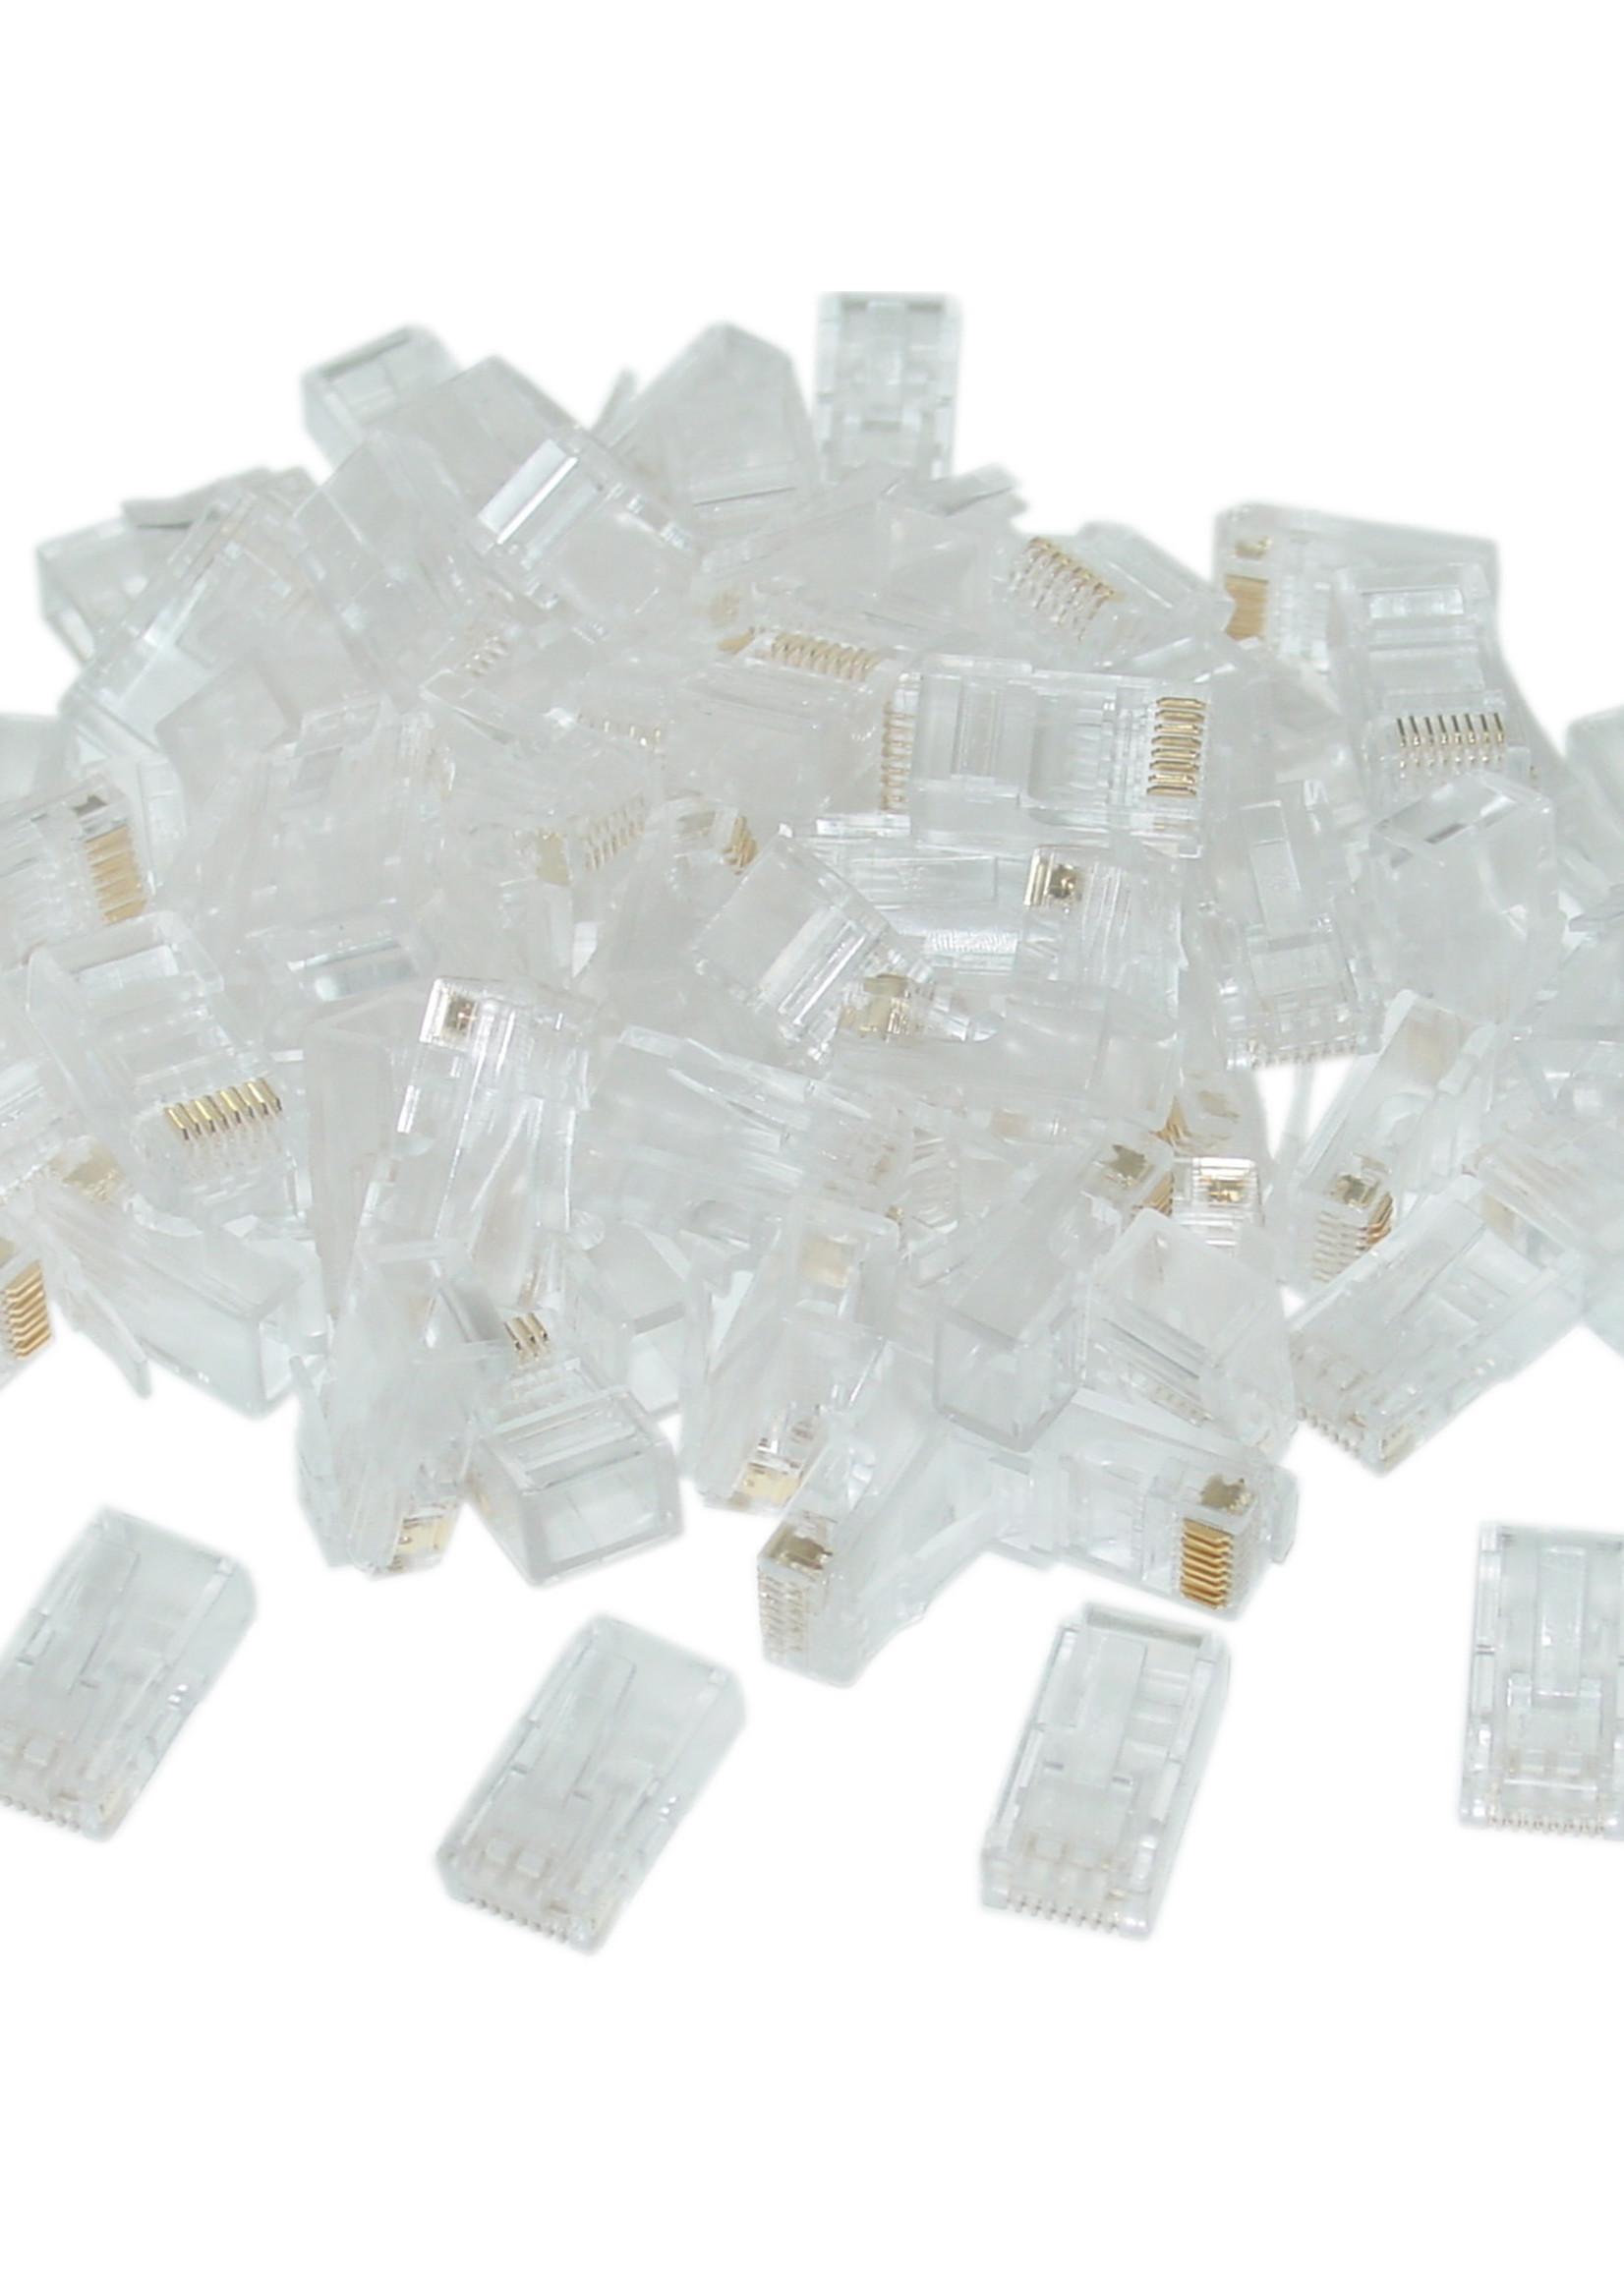 No-name UTP connector 8-pins 8P8C (RJ45) voor CAT6, 10 stuks